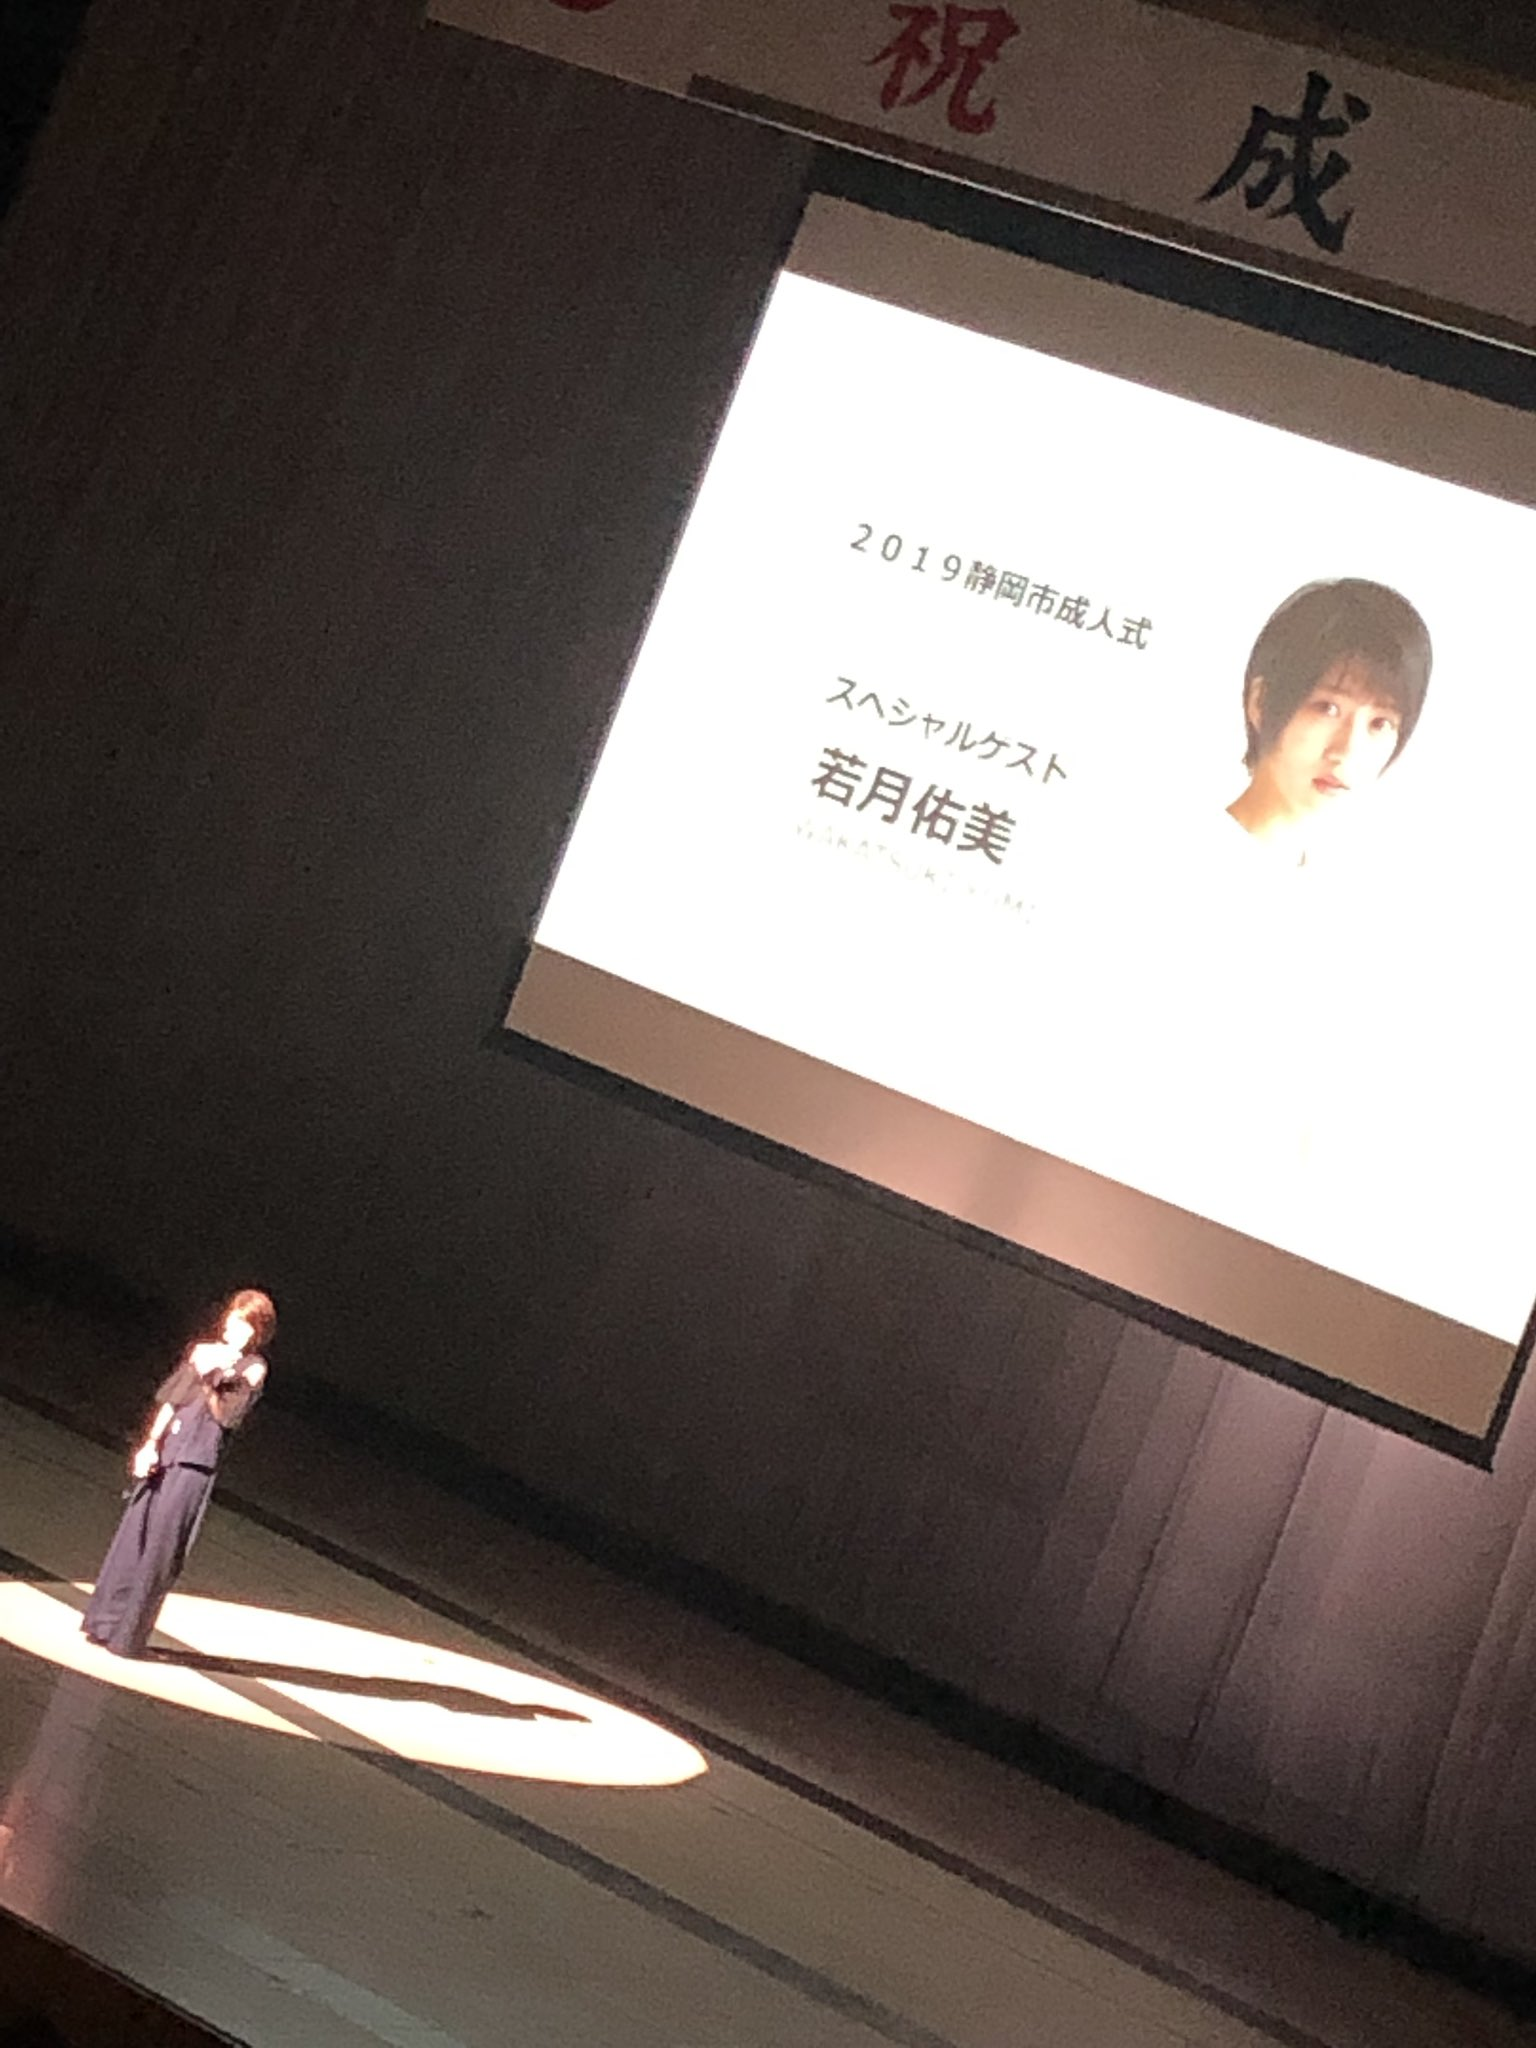 若月佑美、2019静岡市の成人式にサプライズで登場